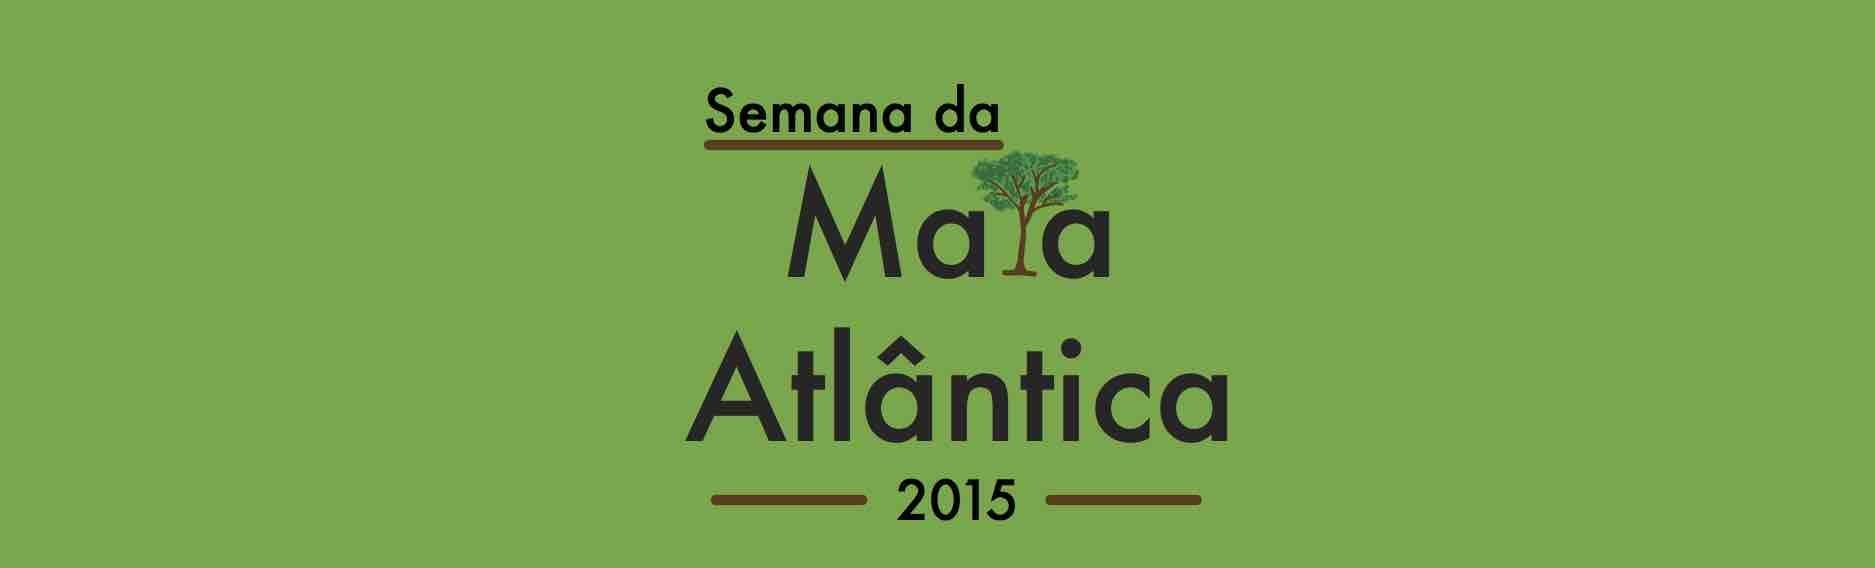 Convite Semana da Mata Atlântica 2015